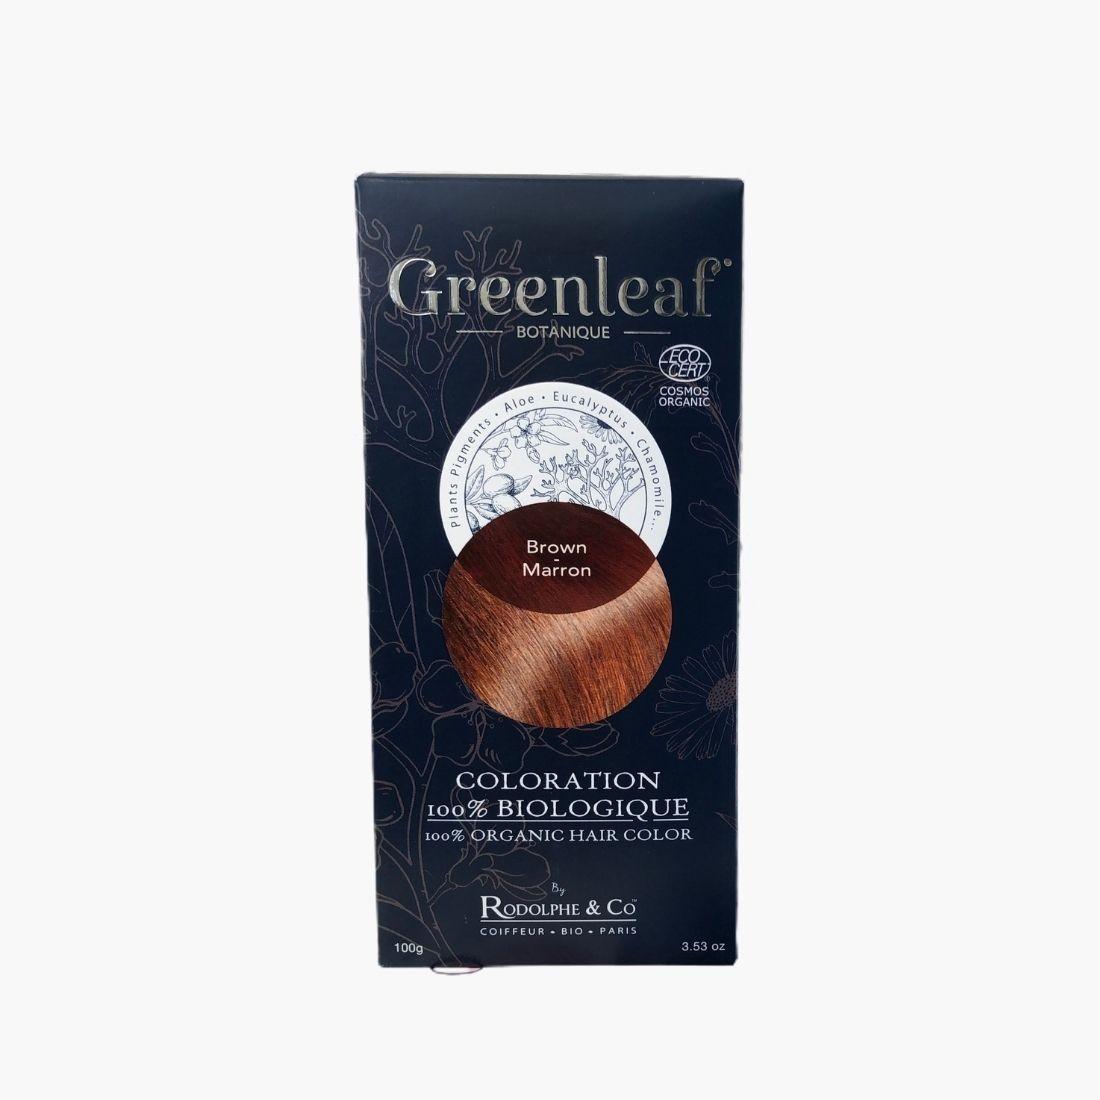 Coloration végétale BIO - Brown / Marron Greenleaf botanique